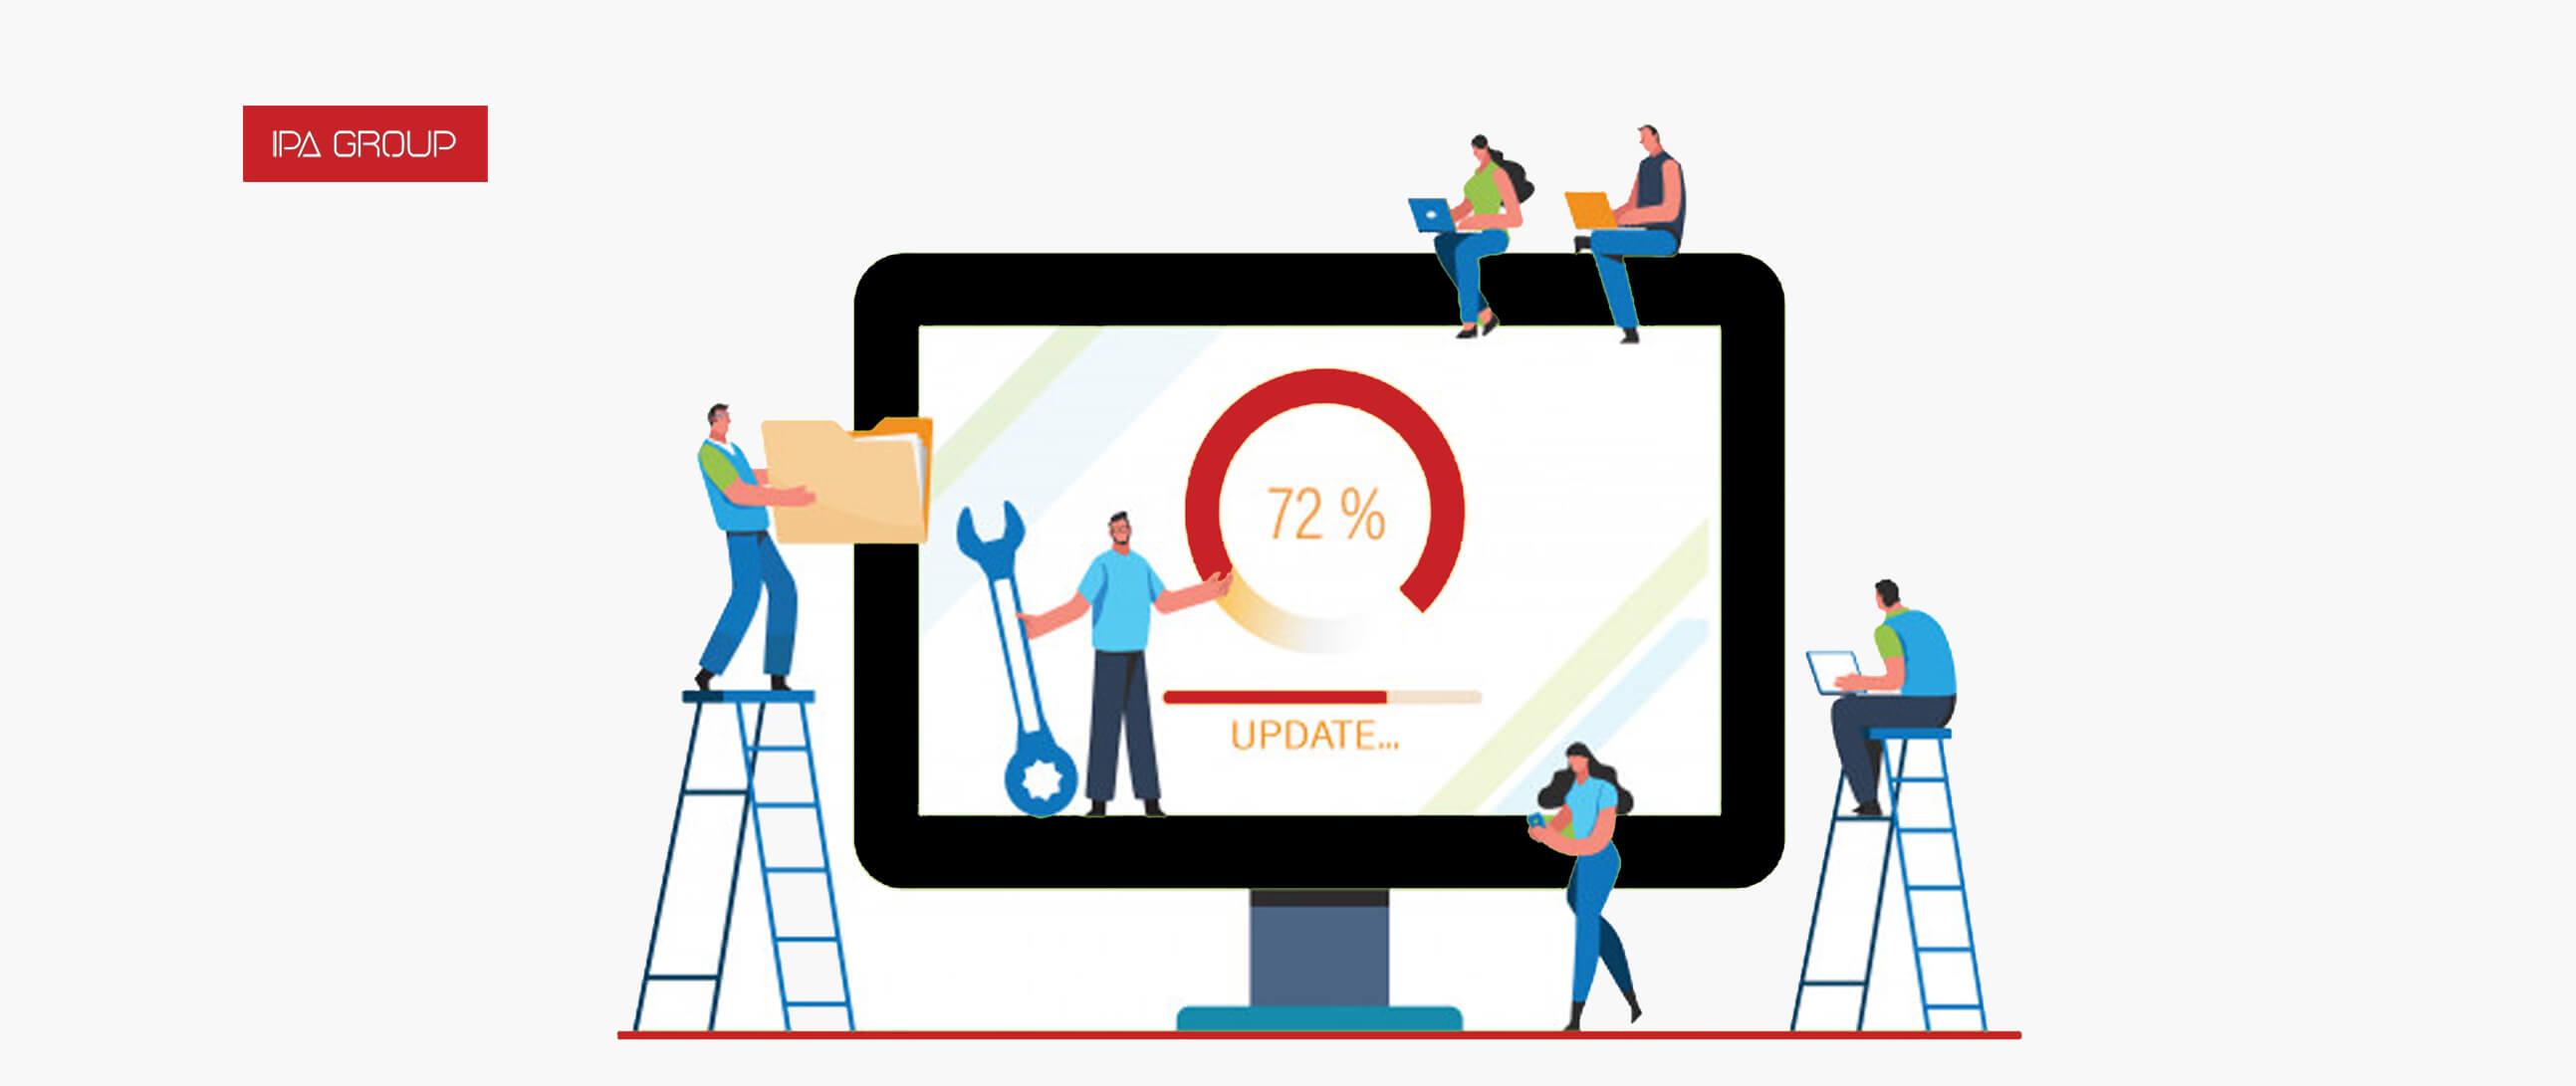 Gente actualizando una empresa a la era digital